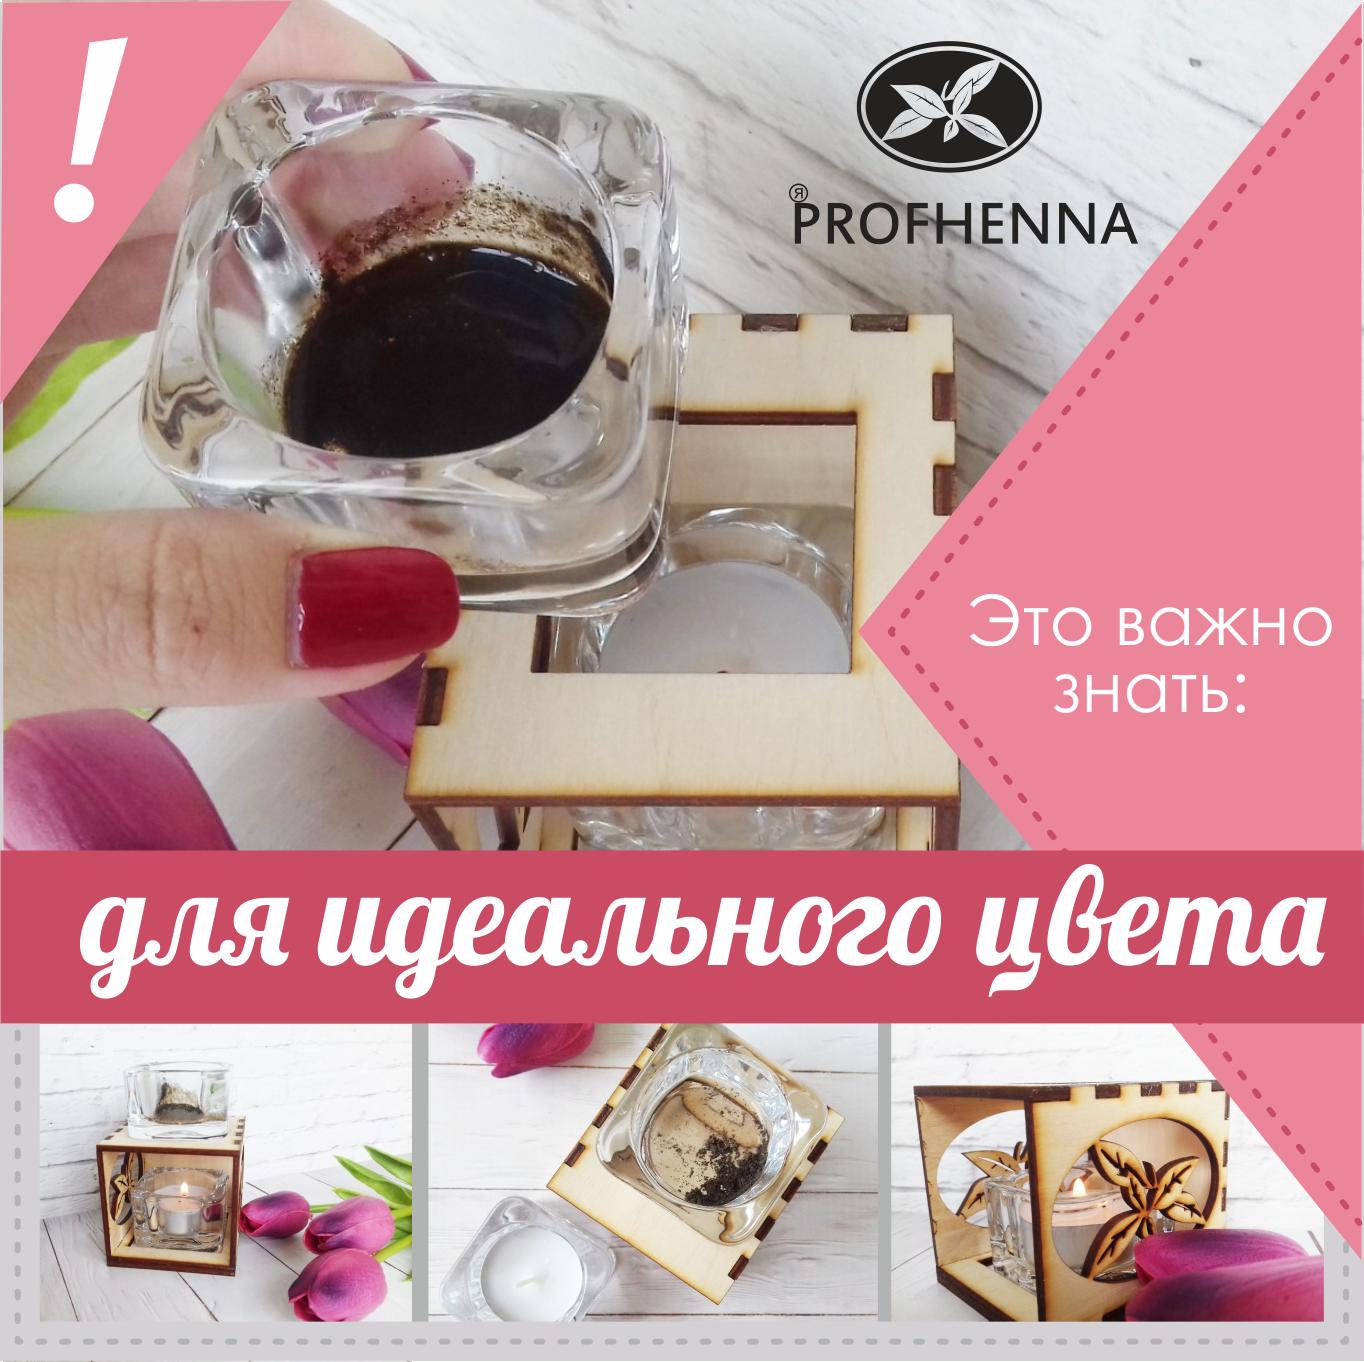 Заваривание хны Profhenna: что потребуется для получения идеального цвета?